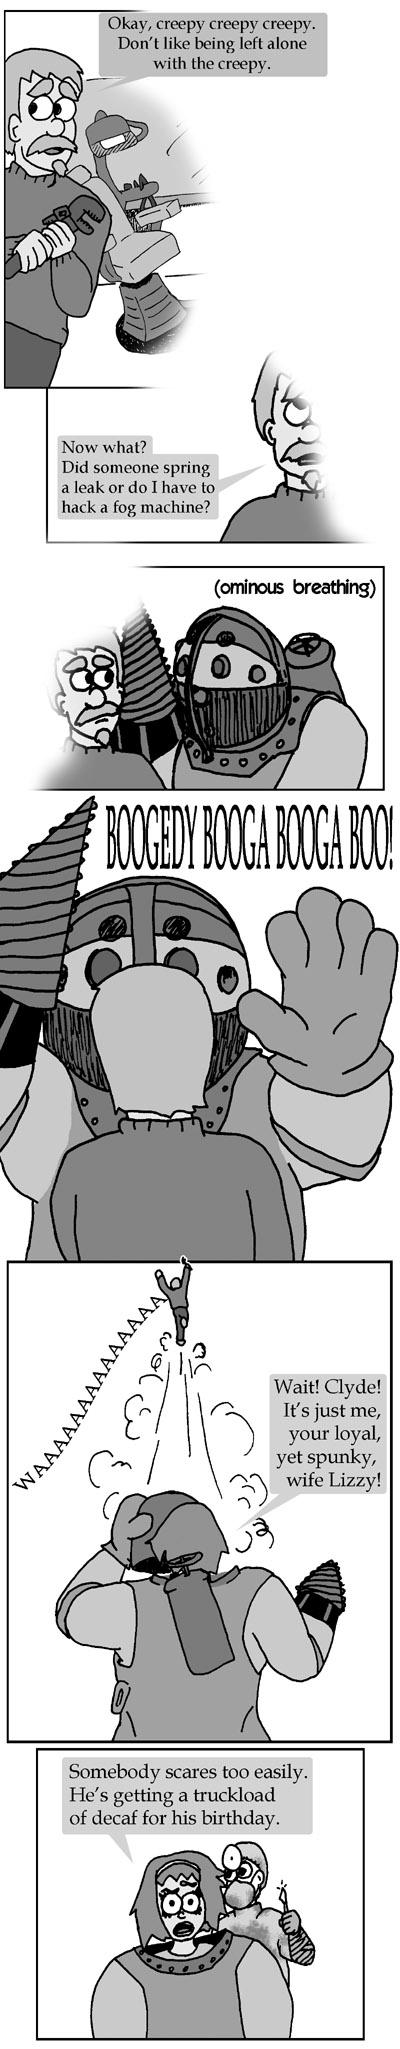 Bioshock - More Atmosphere, Mr. Taggart?